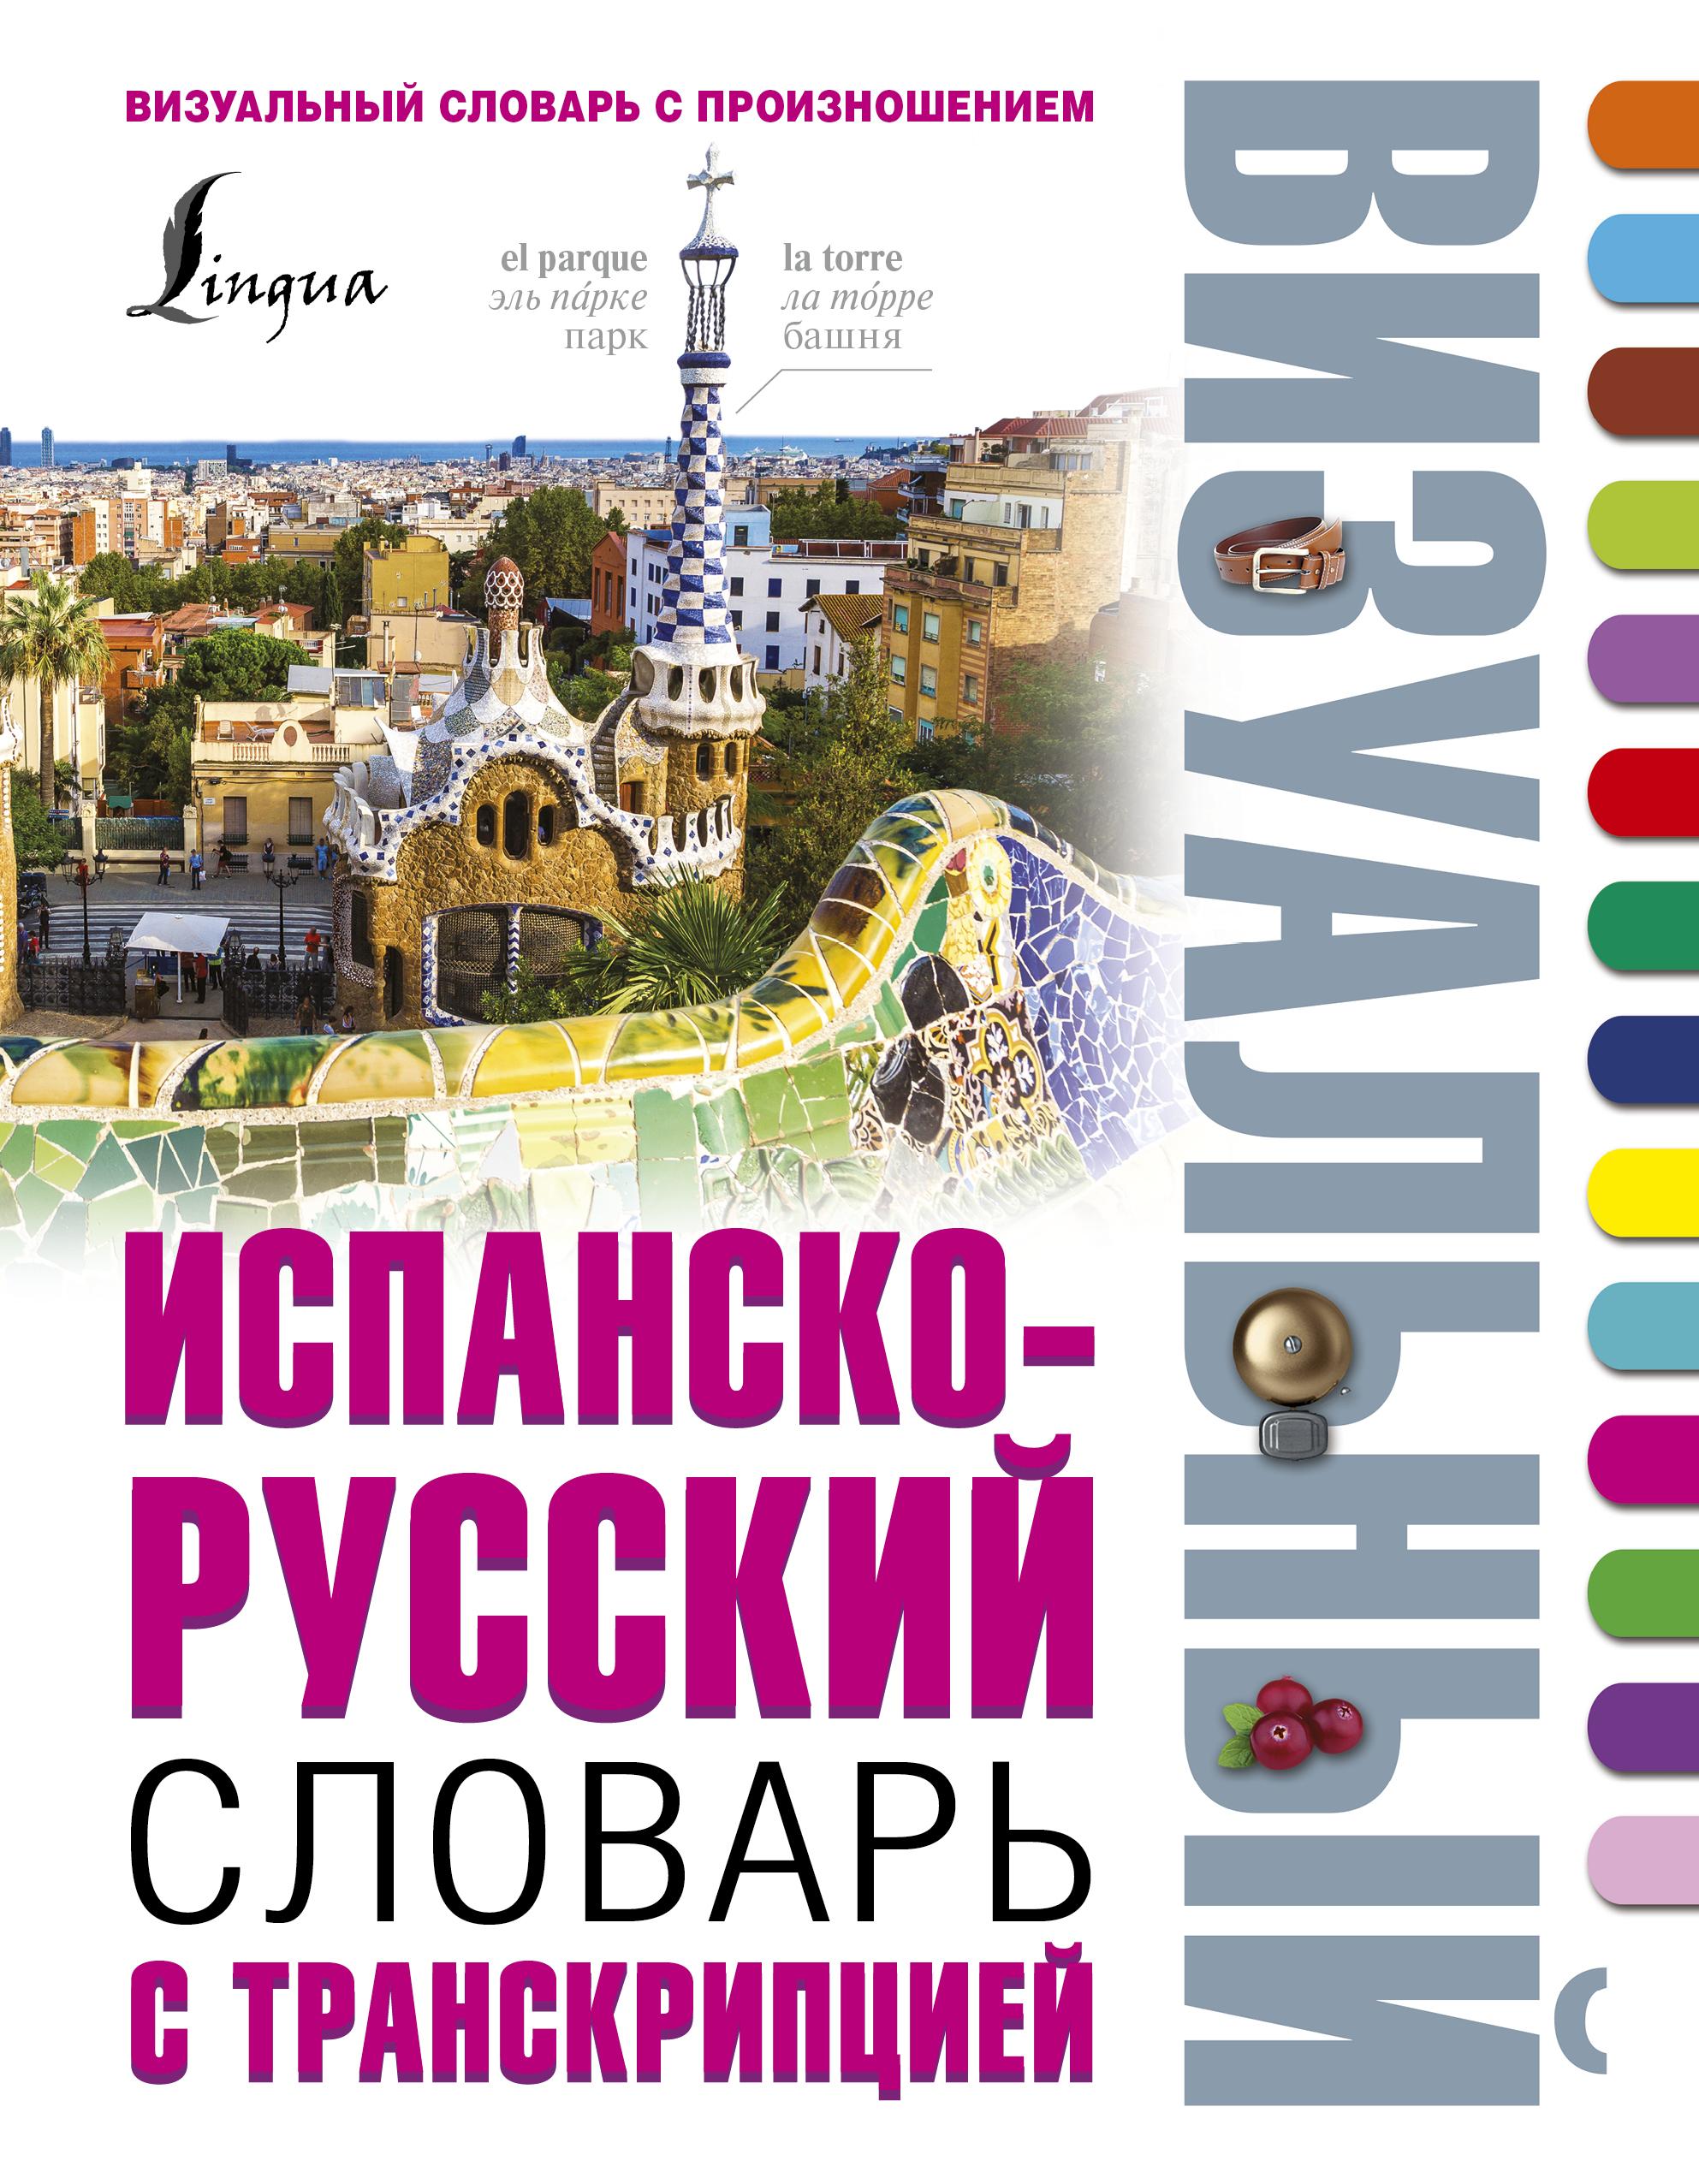 Испанско-русский визуальный словарь с транскрипцией от book24.ru